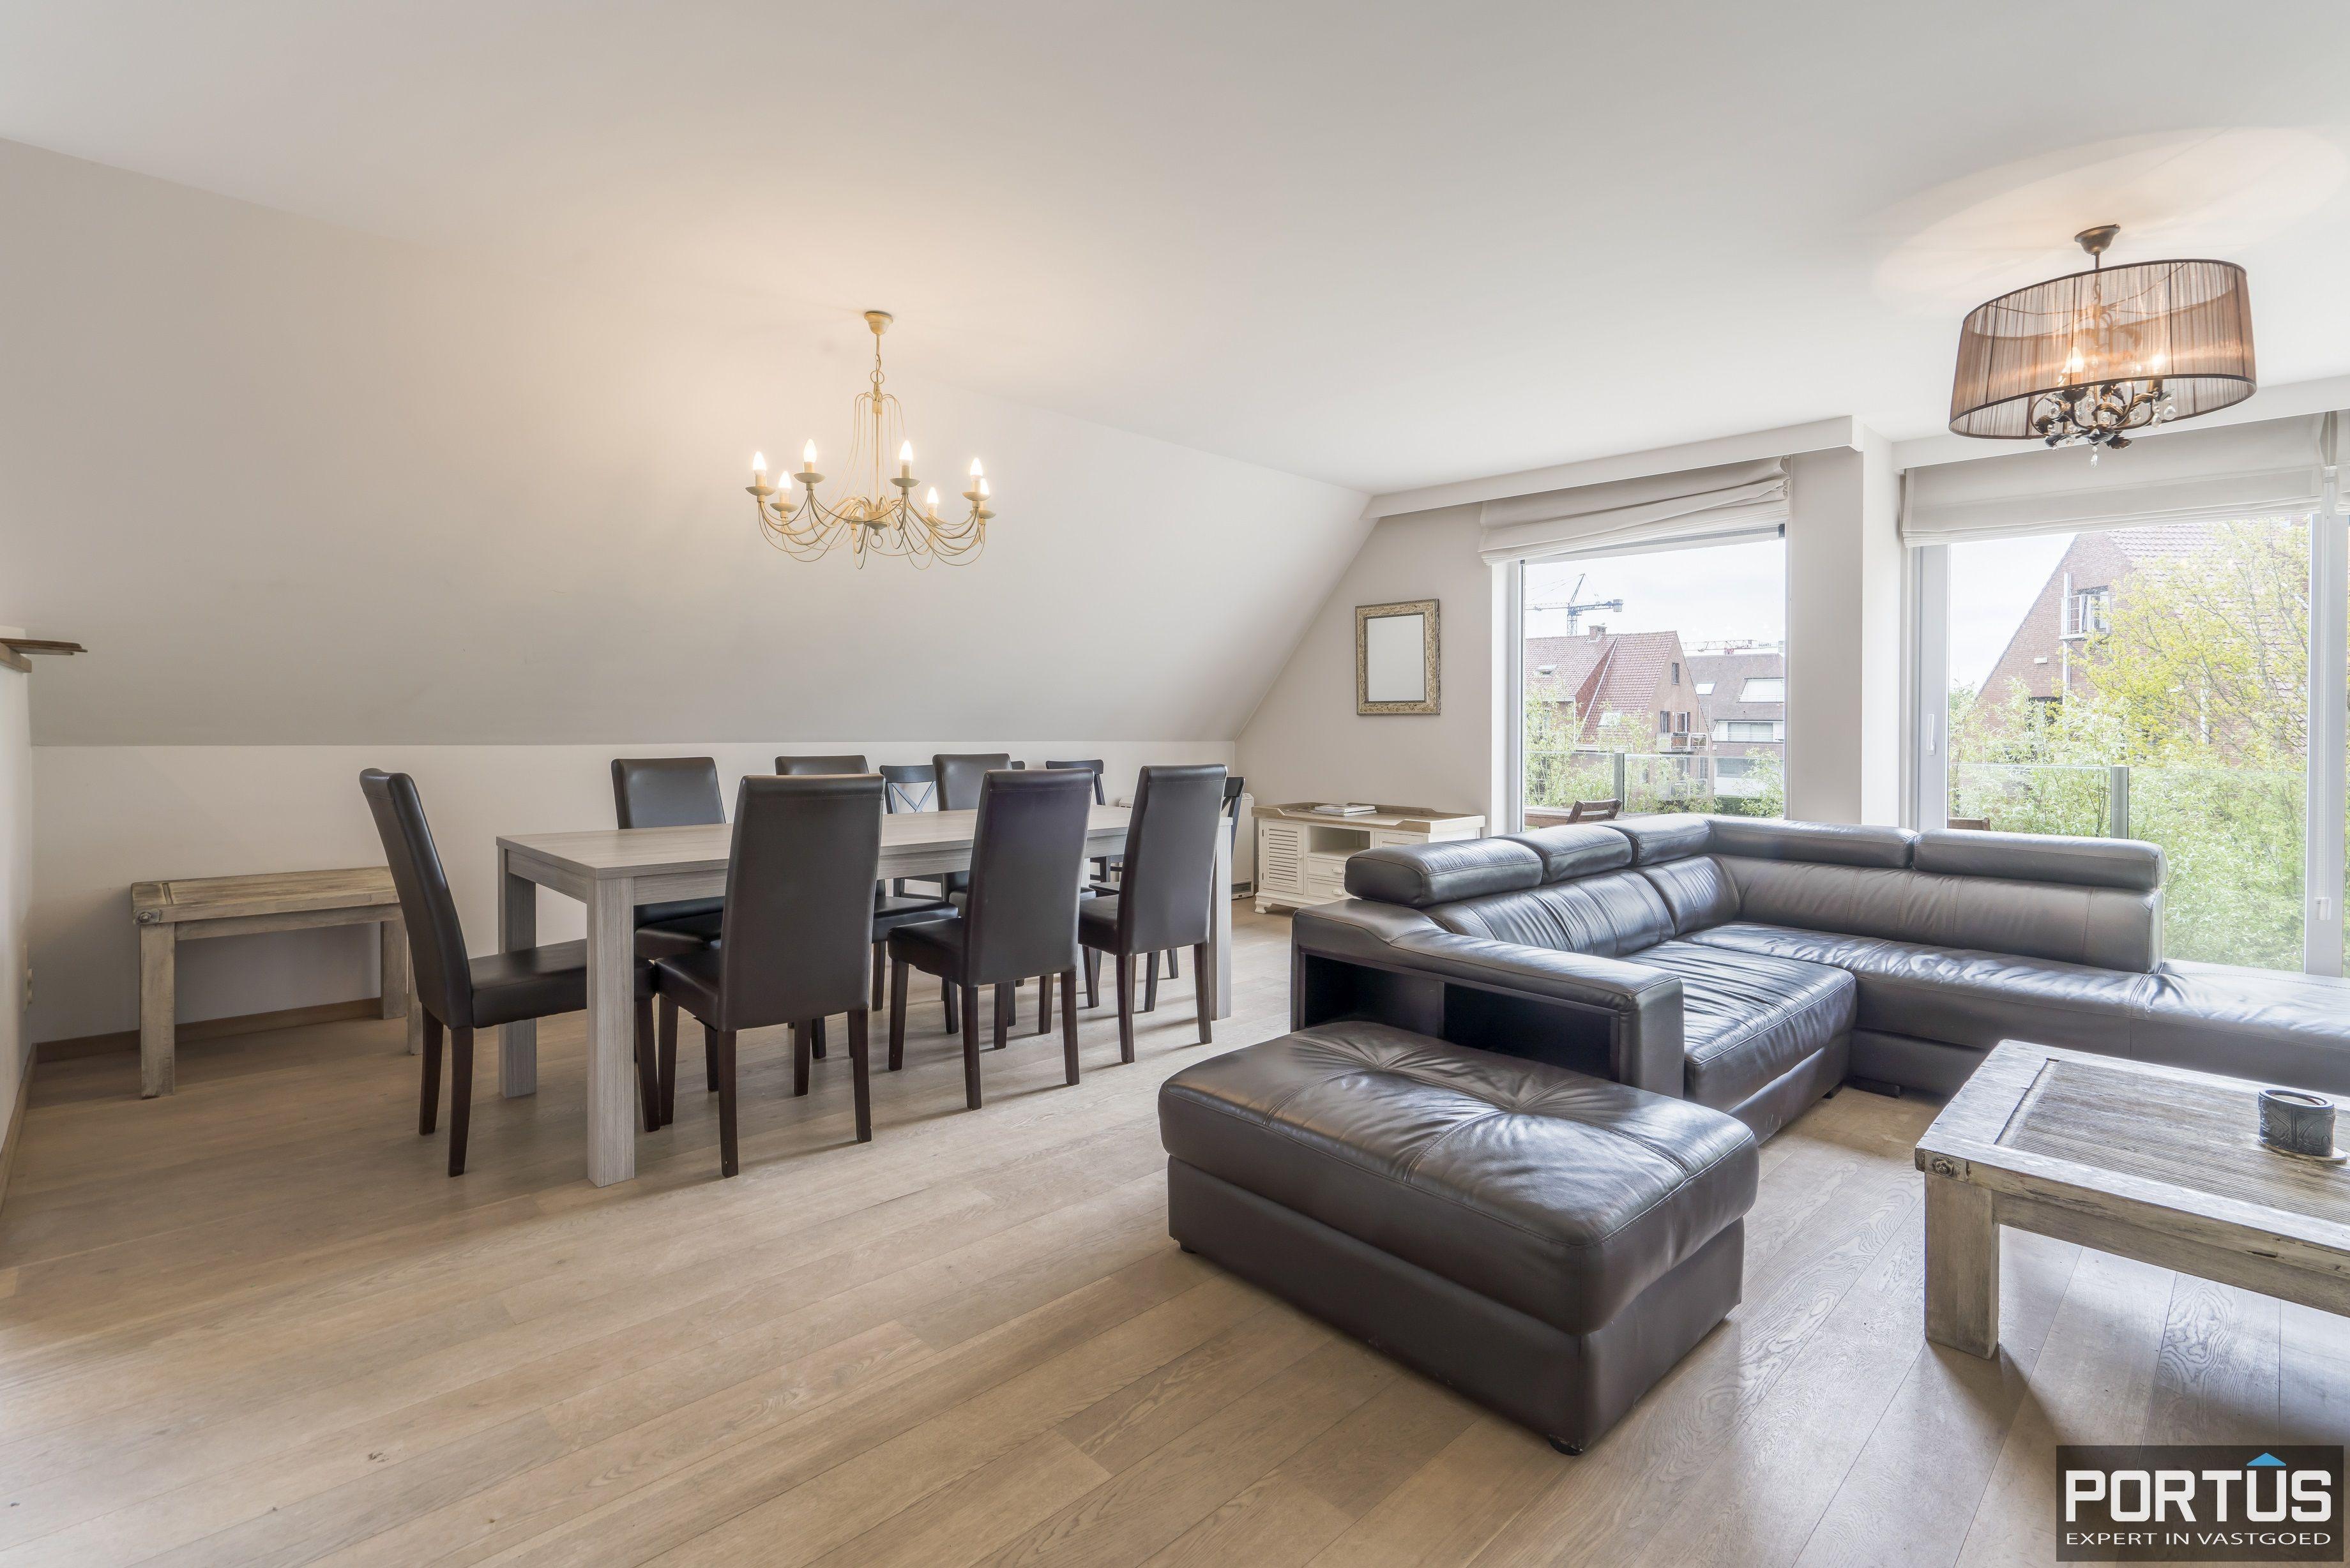 Appartement te koop te Nieuwpoort met 4 slaapkamers - 12993